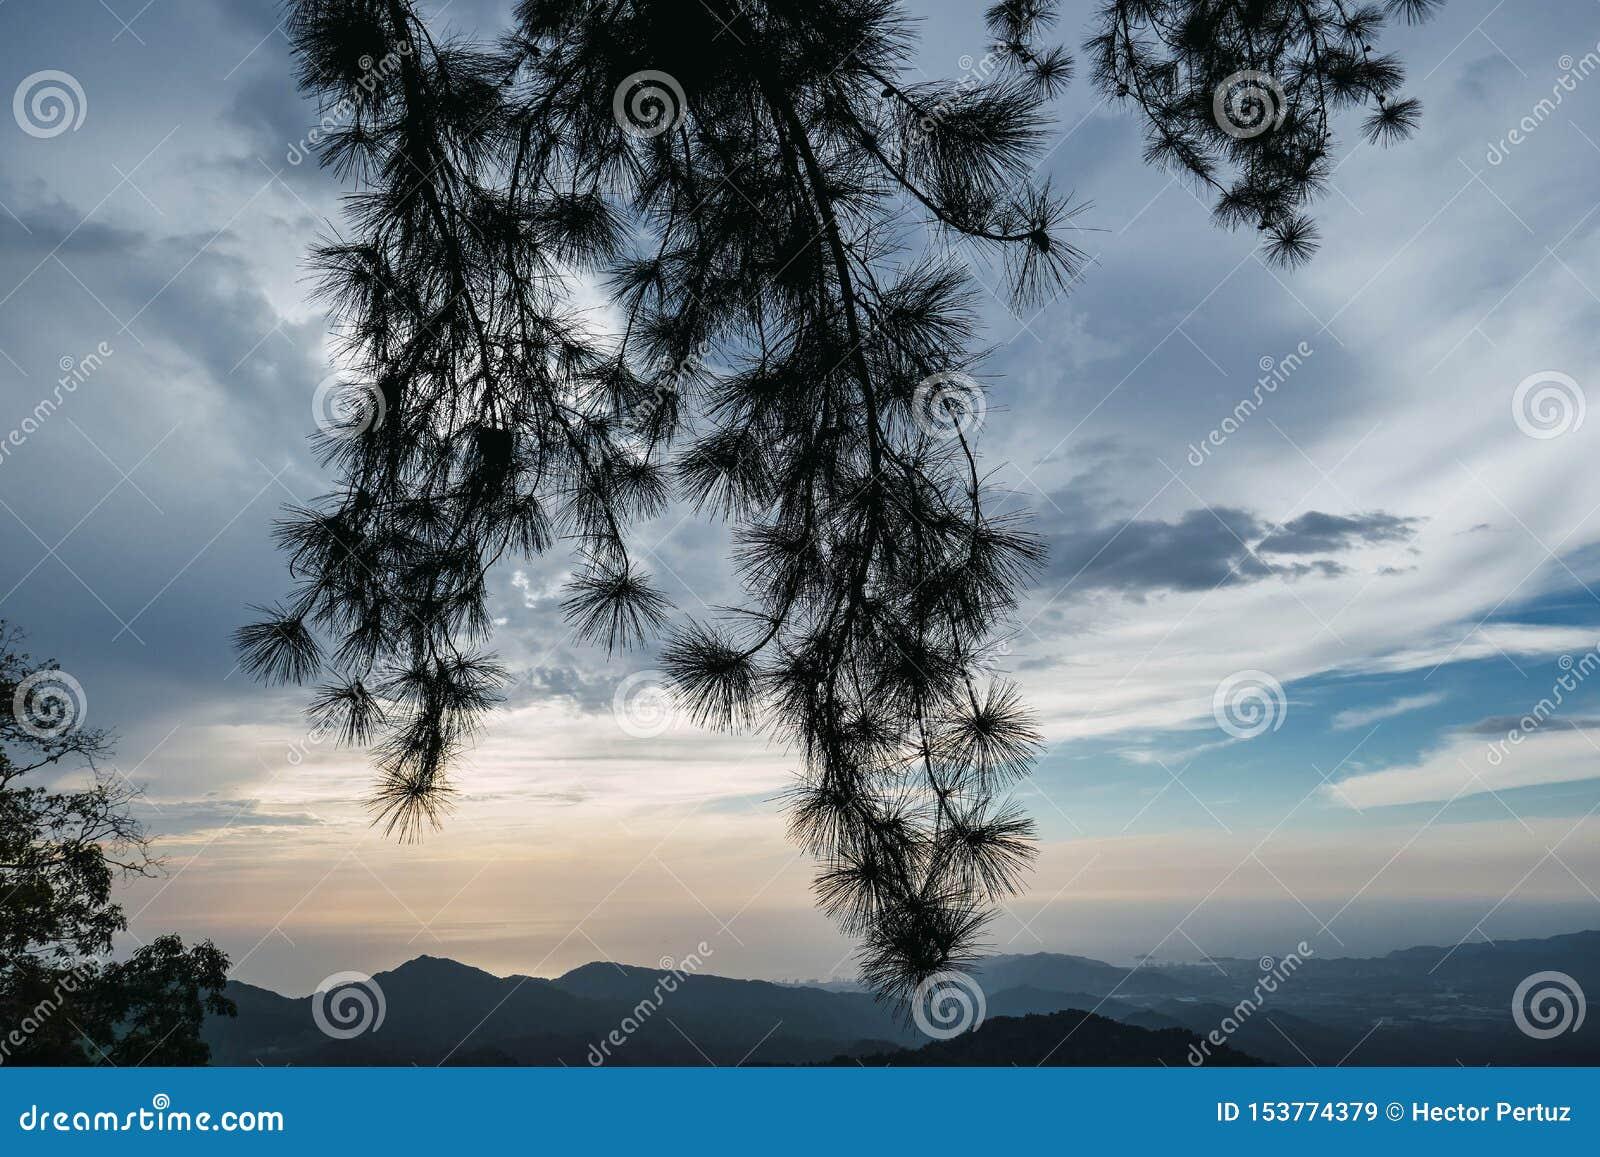 Θαυμάσιο τοπίο της πολύβλαστης ορεινής έκτασης, ομίχλη που καλύπτεται, ζούγκλα ΤΡΟΠΙΚΗ